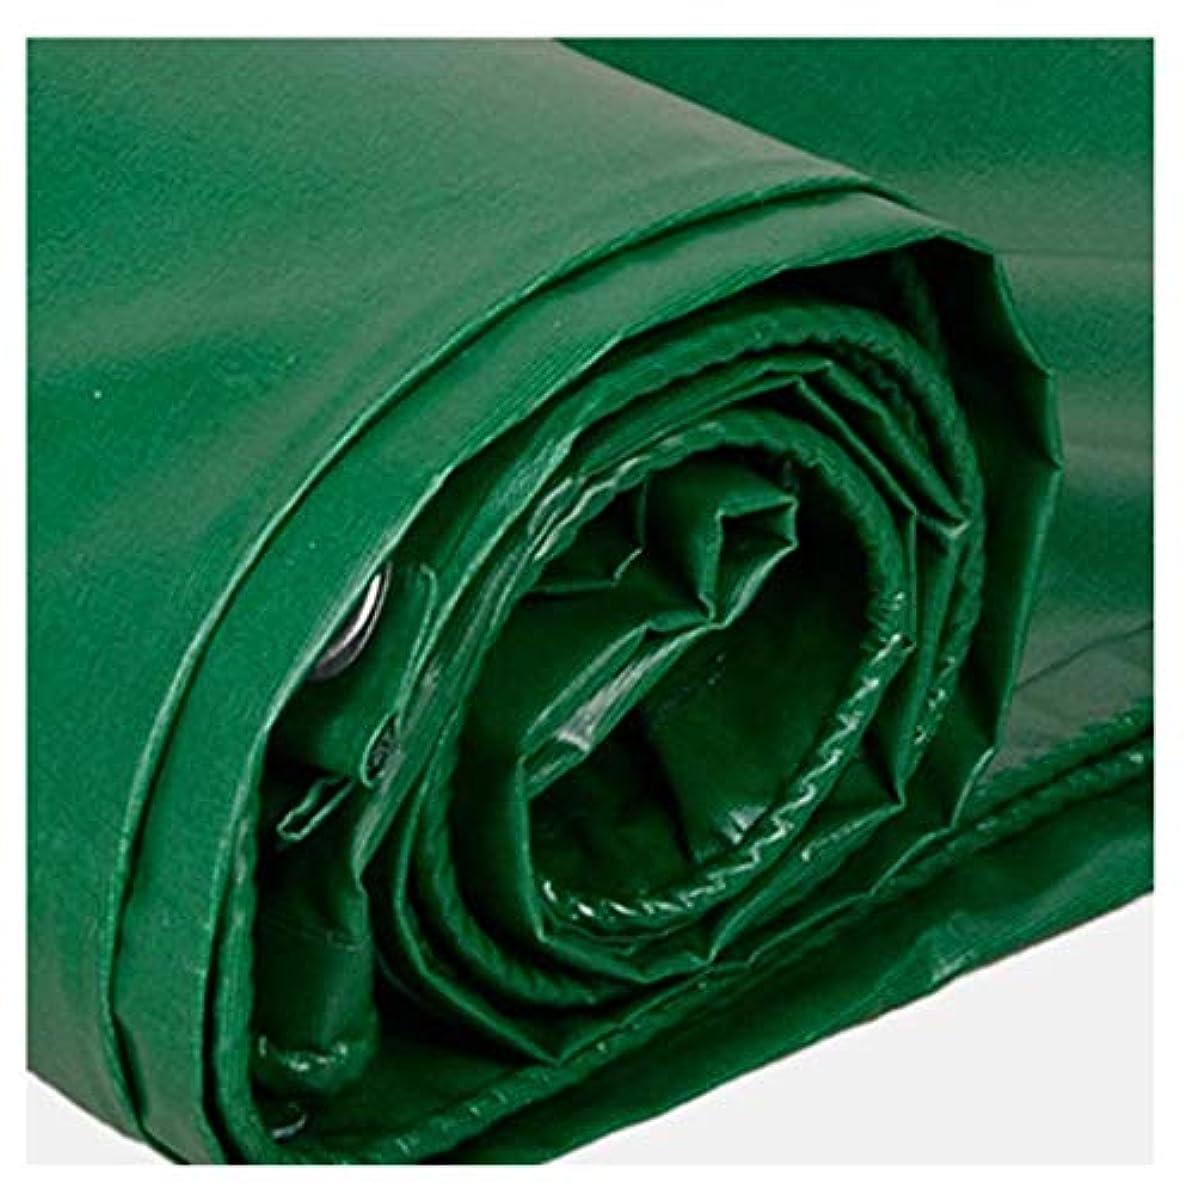 座標に向けて出発回転させる防水シート防水ヘビーデューティ ターポリンヘビーデューティーターポリン高密度織物アウトドアトラベルキャンプ用に最適プールカバーピクニックキャンプハイキング釣り用ペットカーゴカバー 強いグリーン防水防水シート (サイズ さいず : 6*5m)